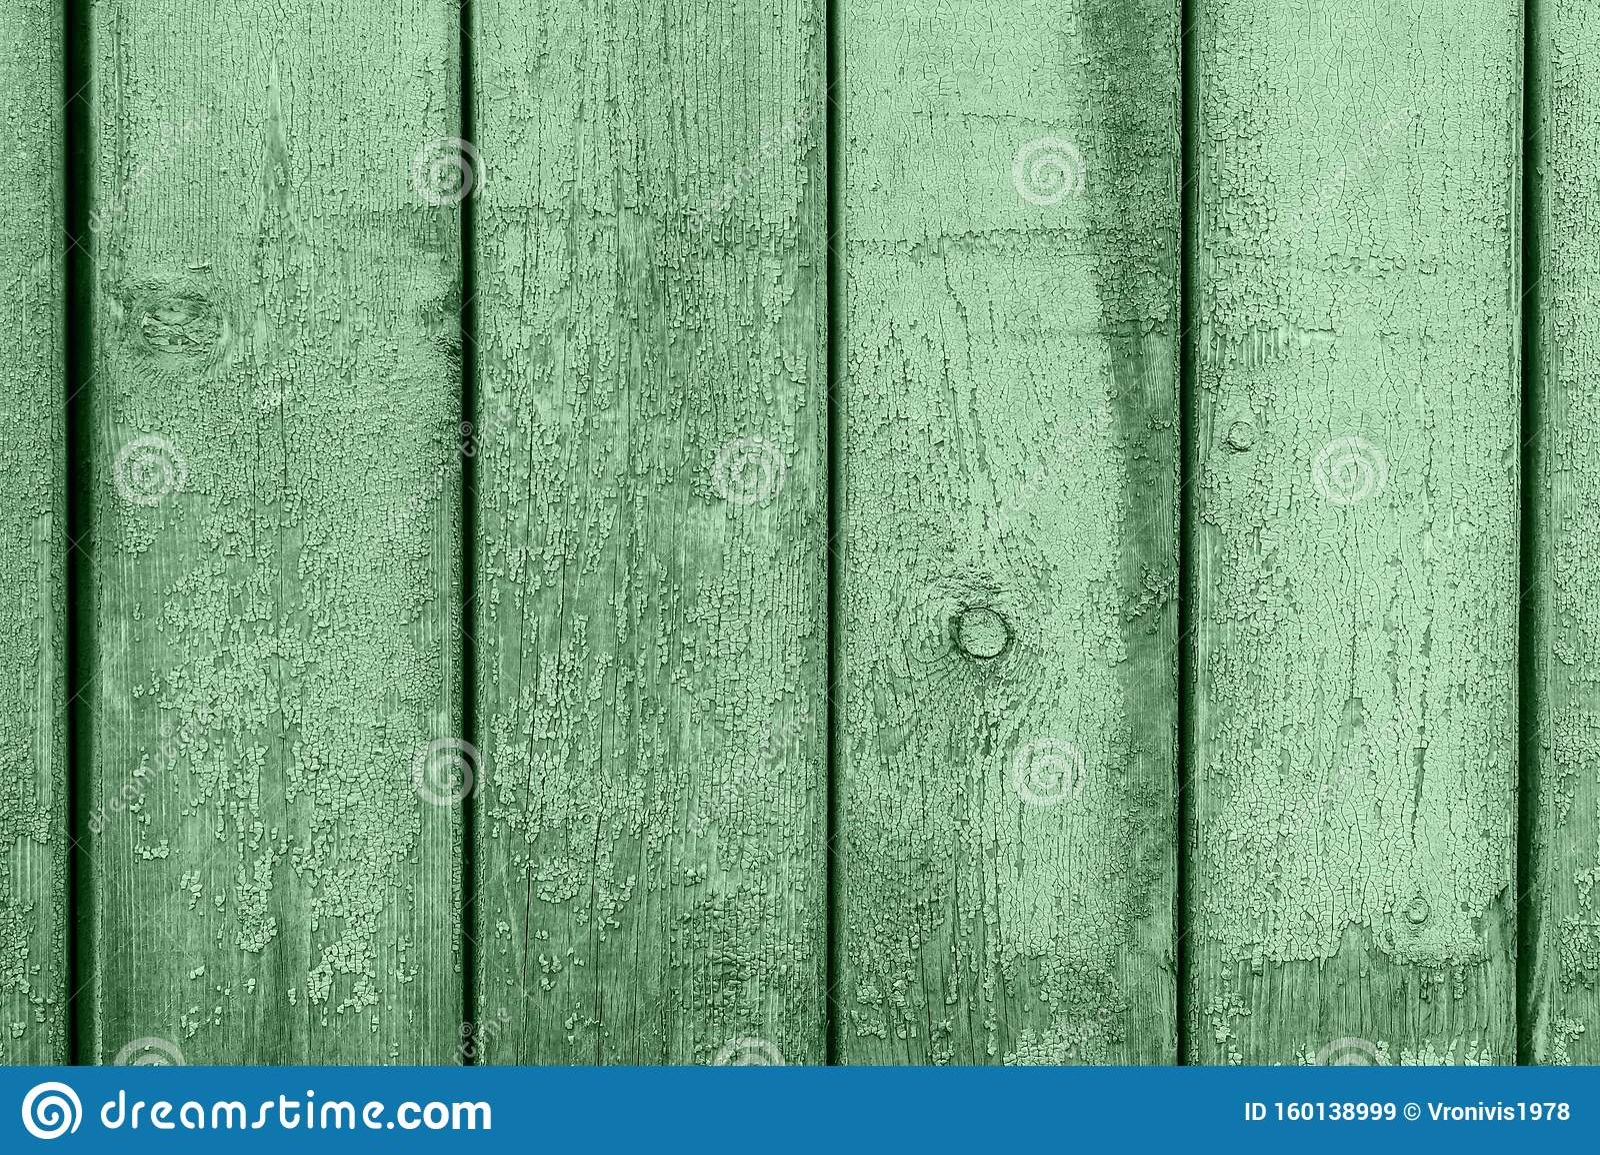 Sfondo di texture di legno colorato verde Colore di tendenza del 2020 Quadratini di legno sfondo astratto vecchio stile Sfondi e